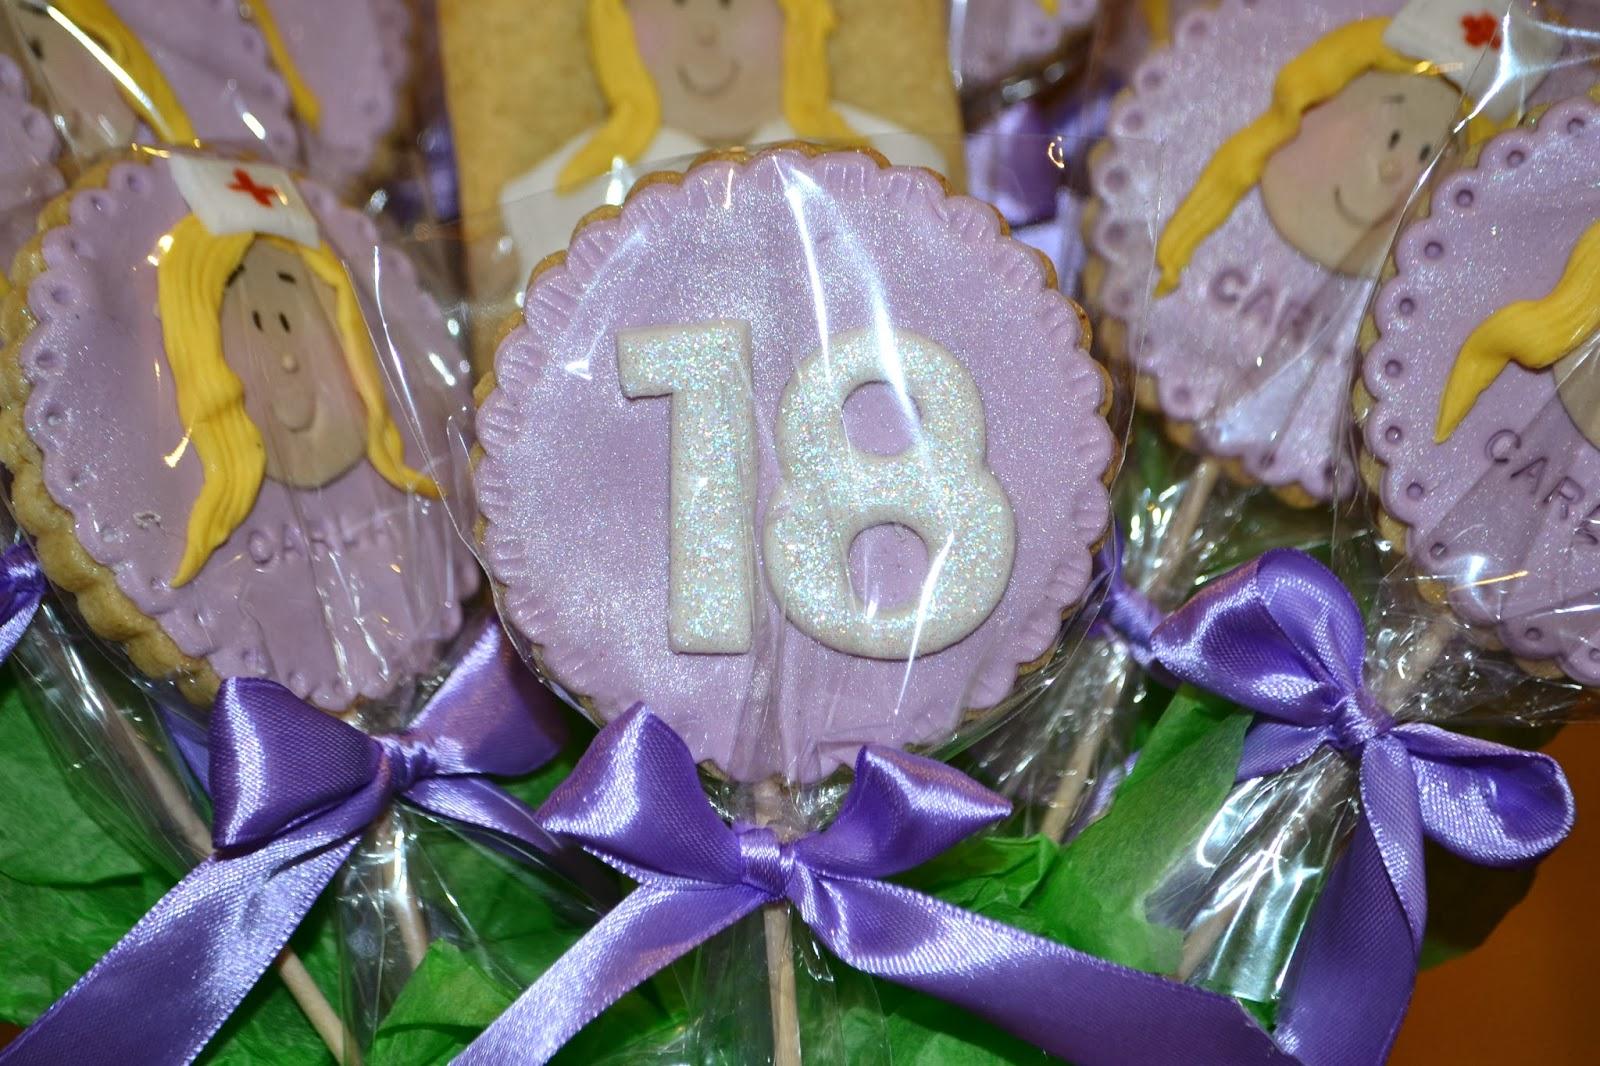 fondant enfermera violeta cumpleaños 18 lazos raso empaquetadas individualmente purpurina comestible brillante